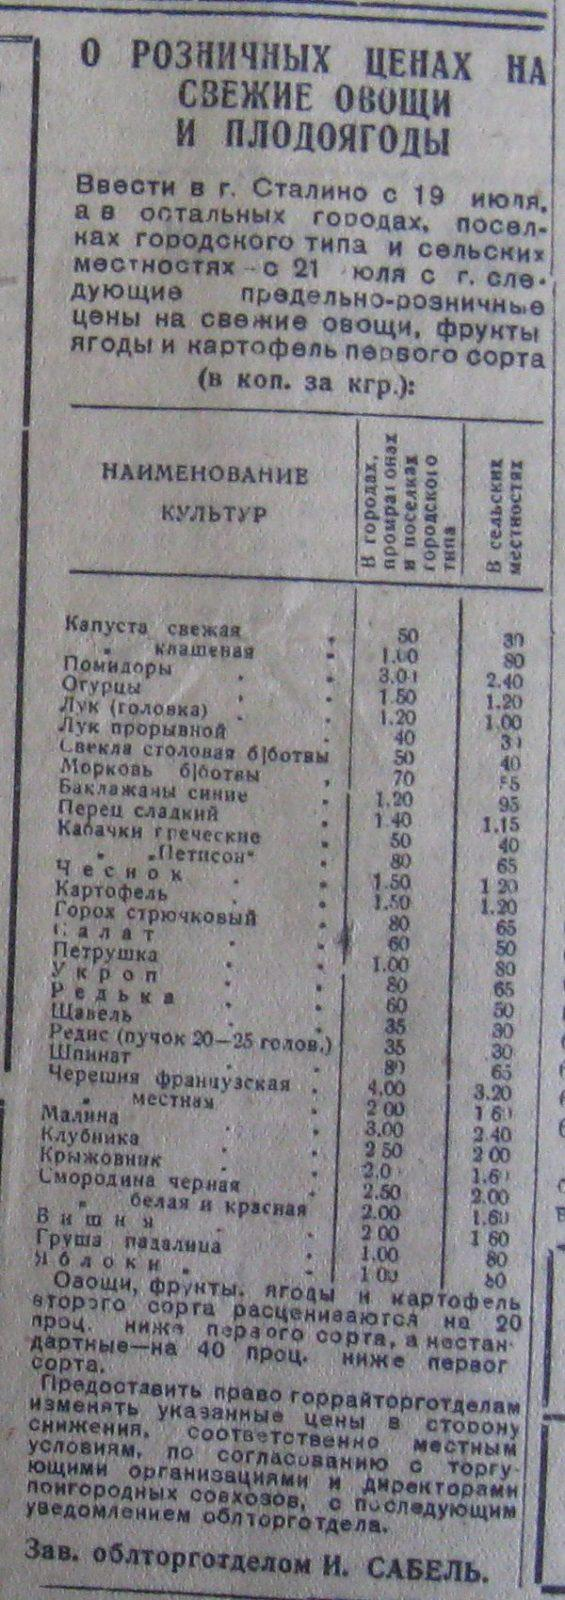 История Донецка. Розничные цены на свежие овощи и плодоягоды в 1940 г.